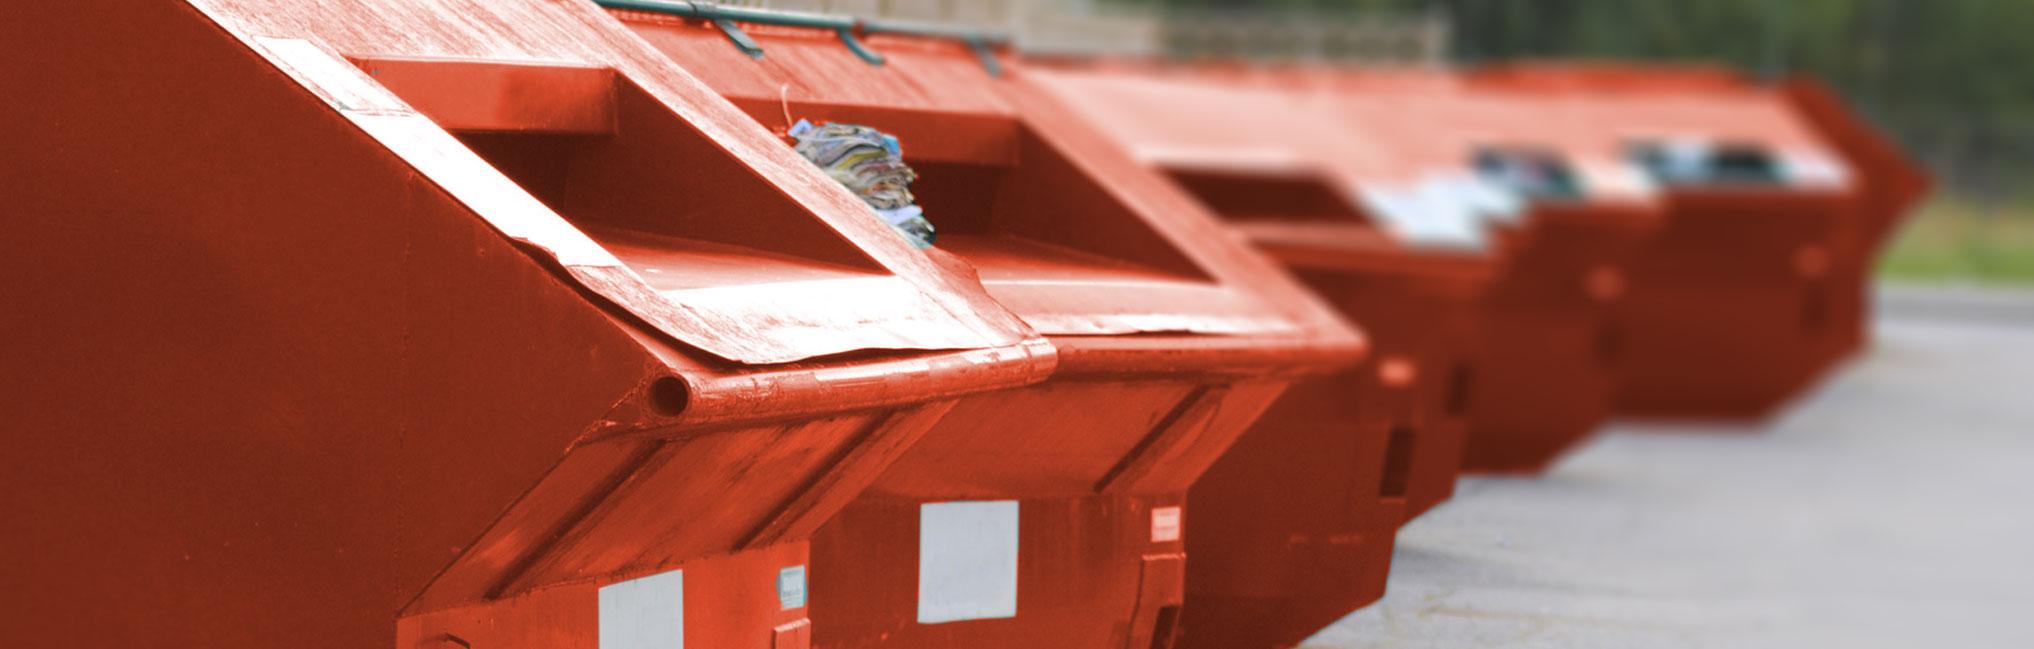 5 rote Container stehen hinterienander und werden in der Weite immer unschärfer.